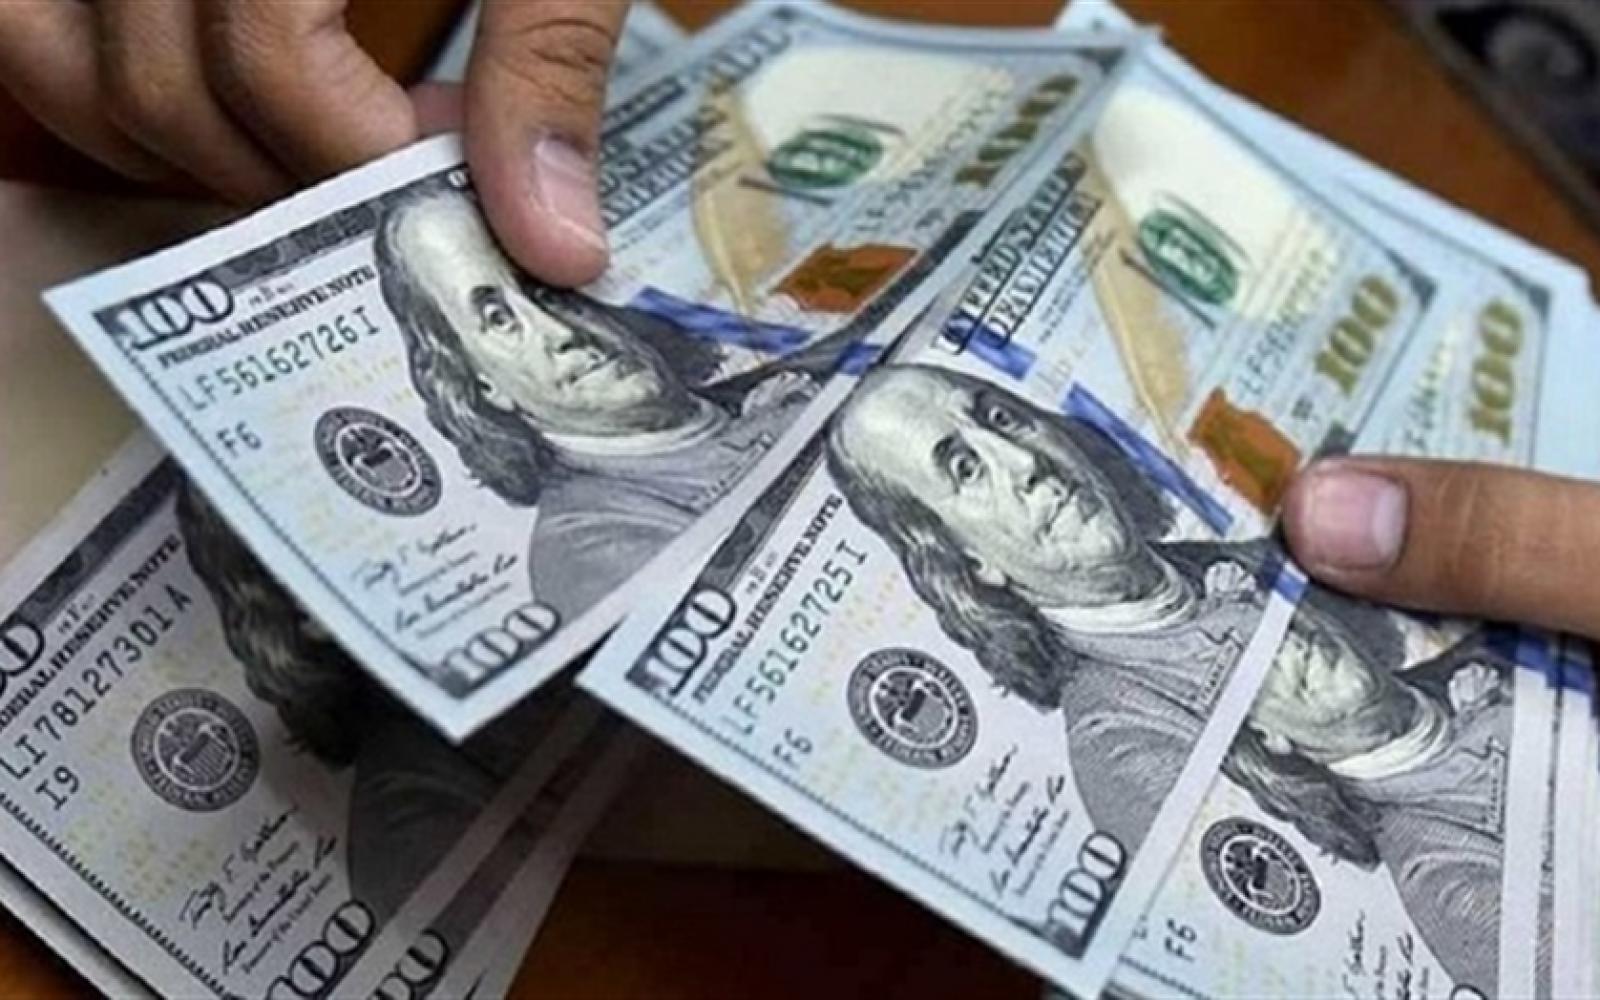 Pactar el precio de los alquileres para vivienda en dólares se encuentra prohibido